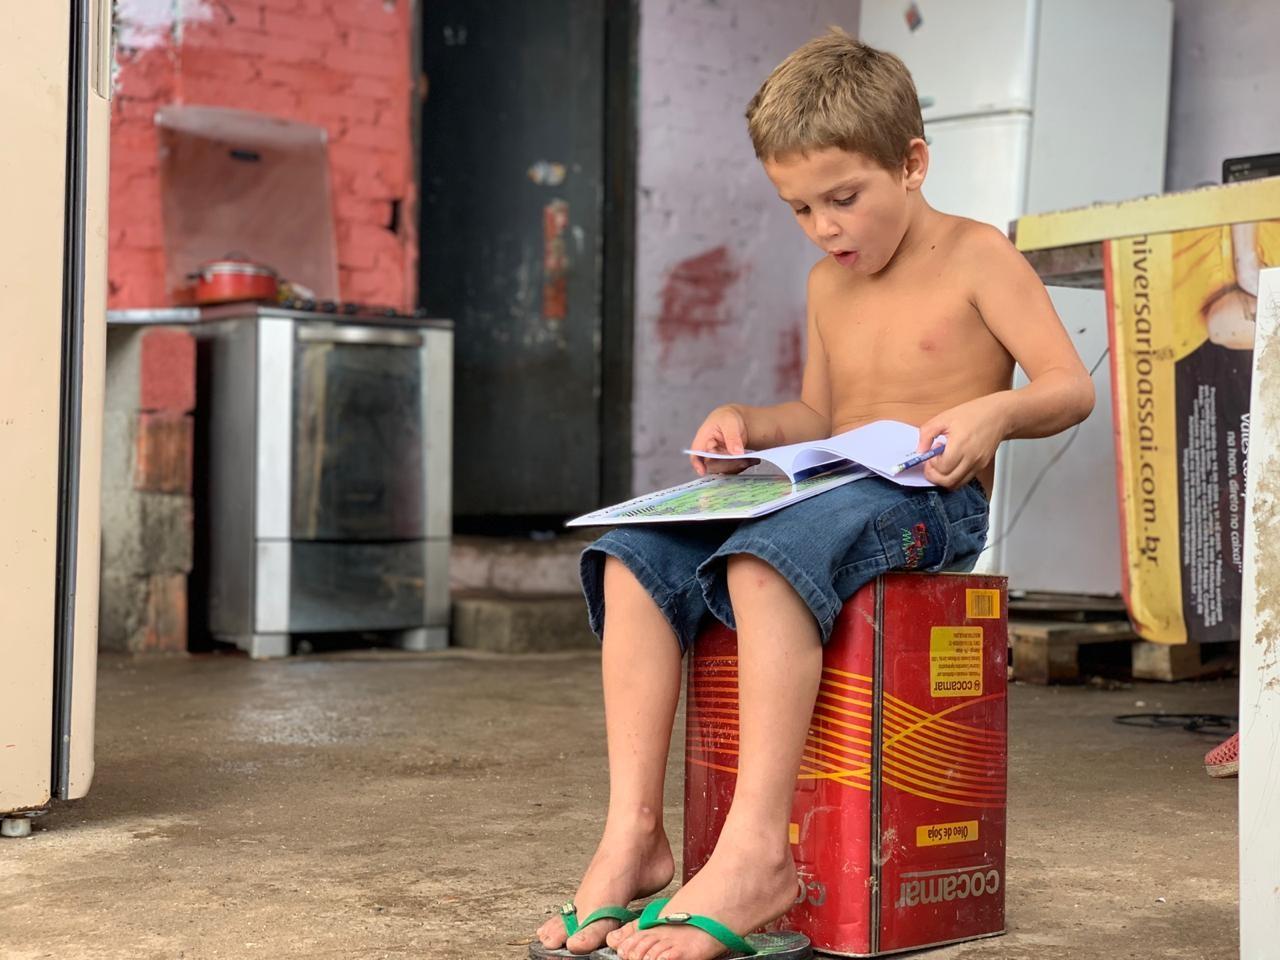 No litoral de São Paulo, menino de cinco anos recolhe livros no lixo e gera mobilização na web